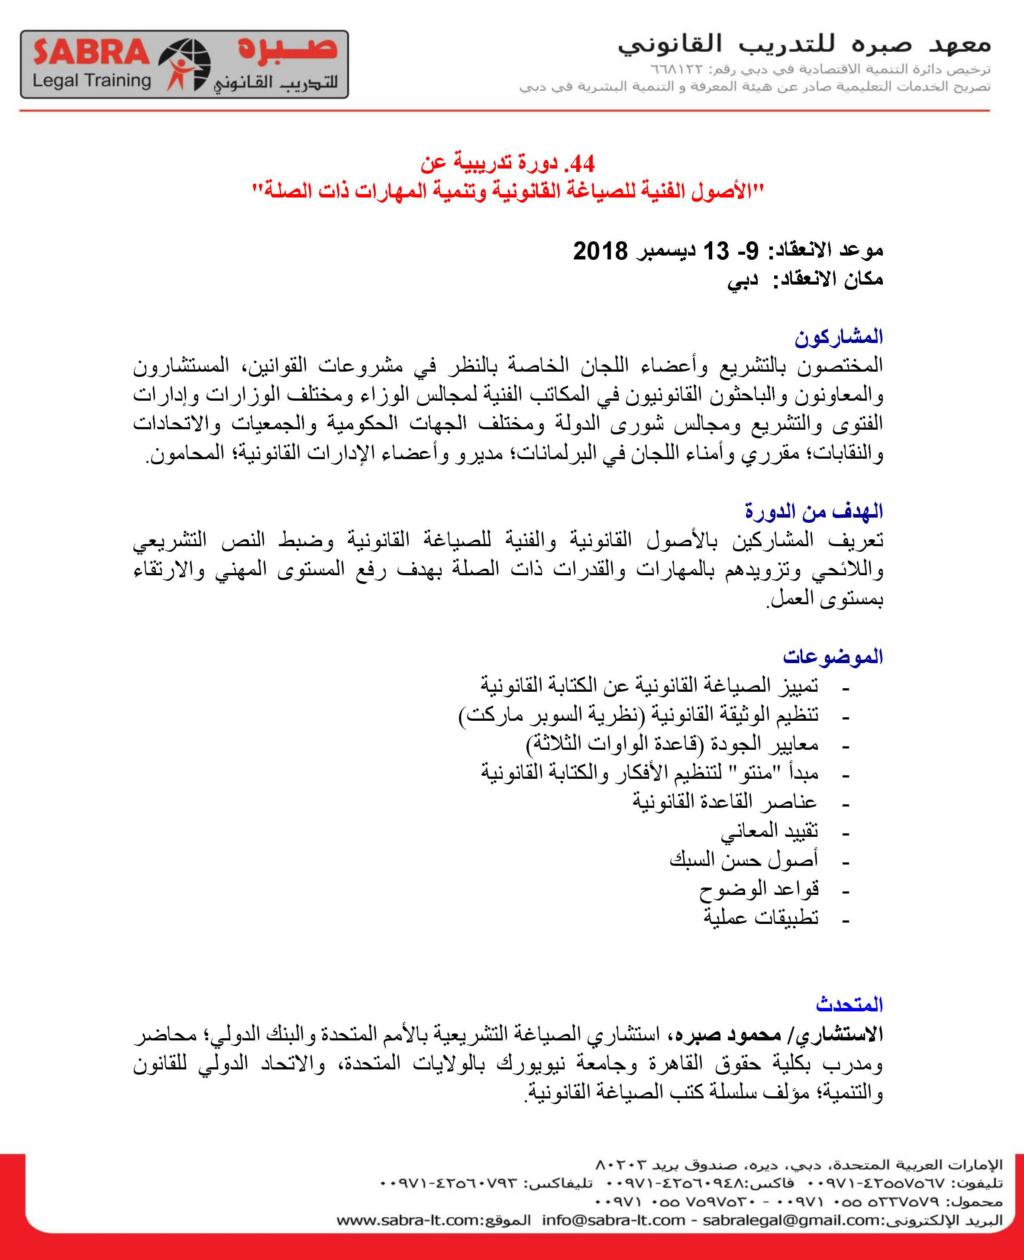 الأصول الفنيّة للصياغة القانونية وتنمية المهارات القانونية 44_eia15